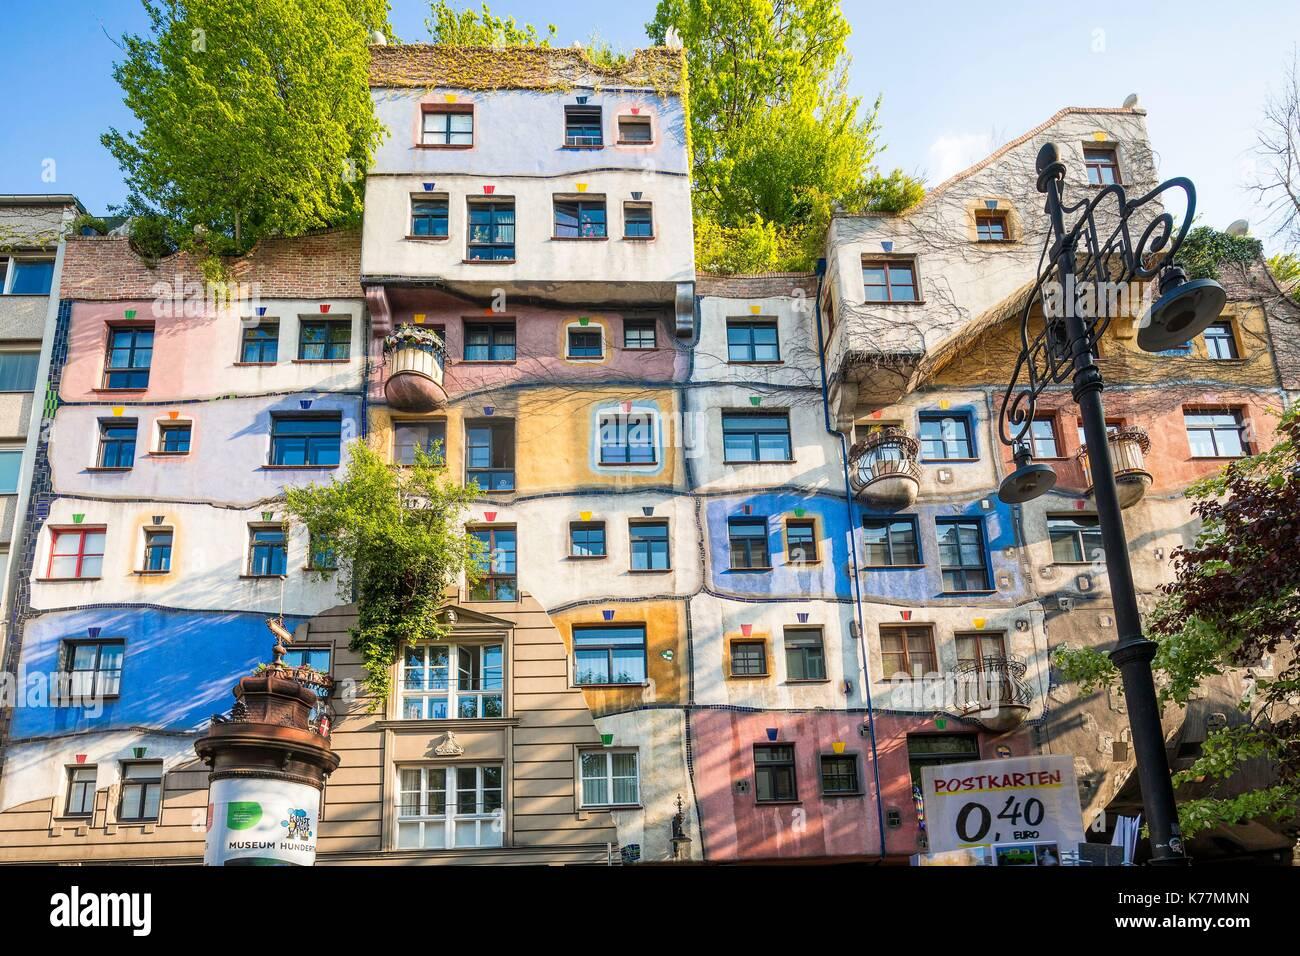 Austria Vienna Kegelgasse Hundertwasser Haus House Designed In